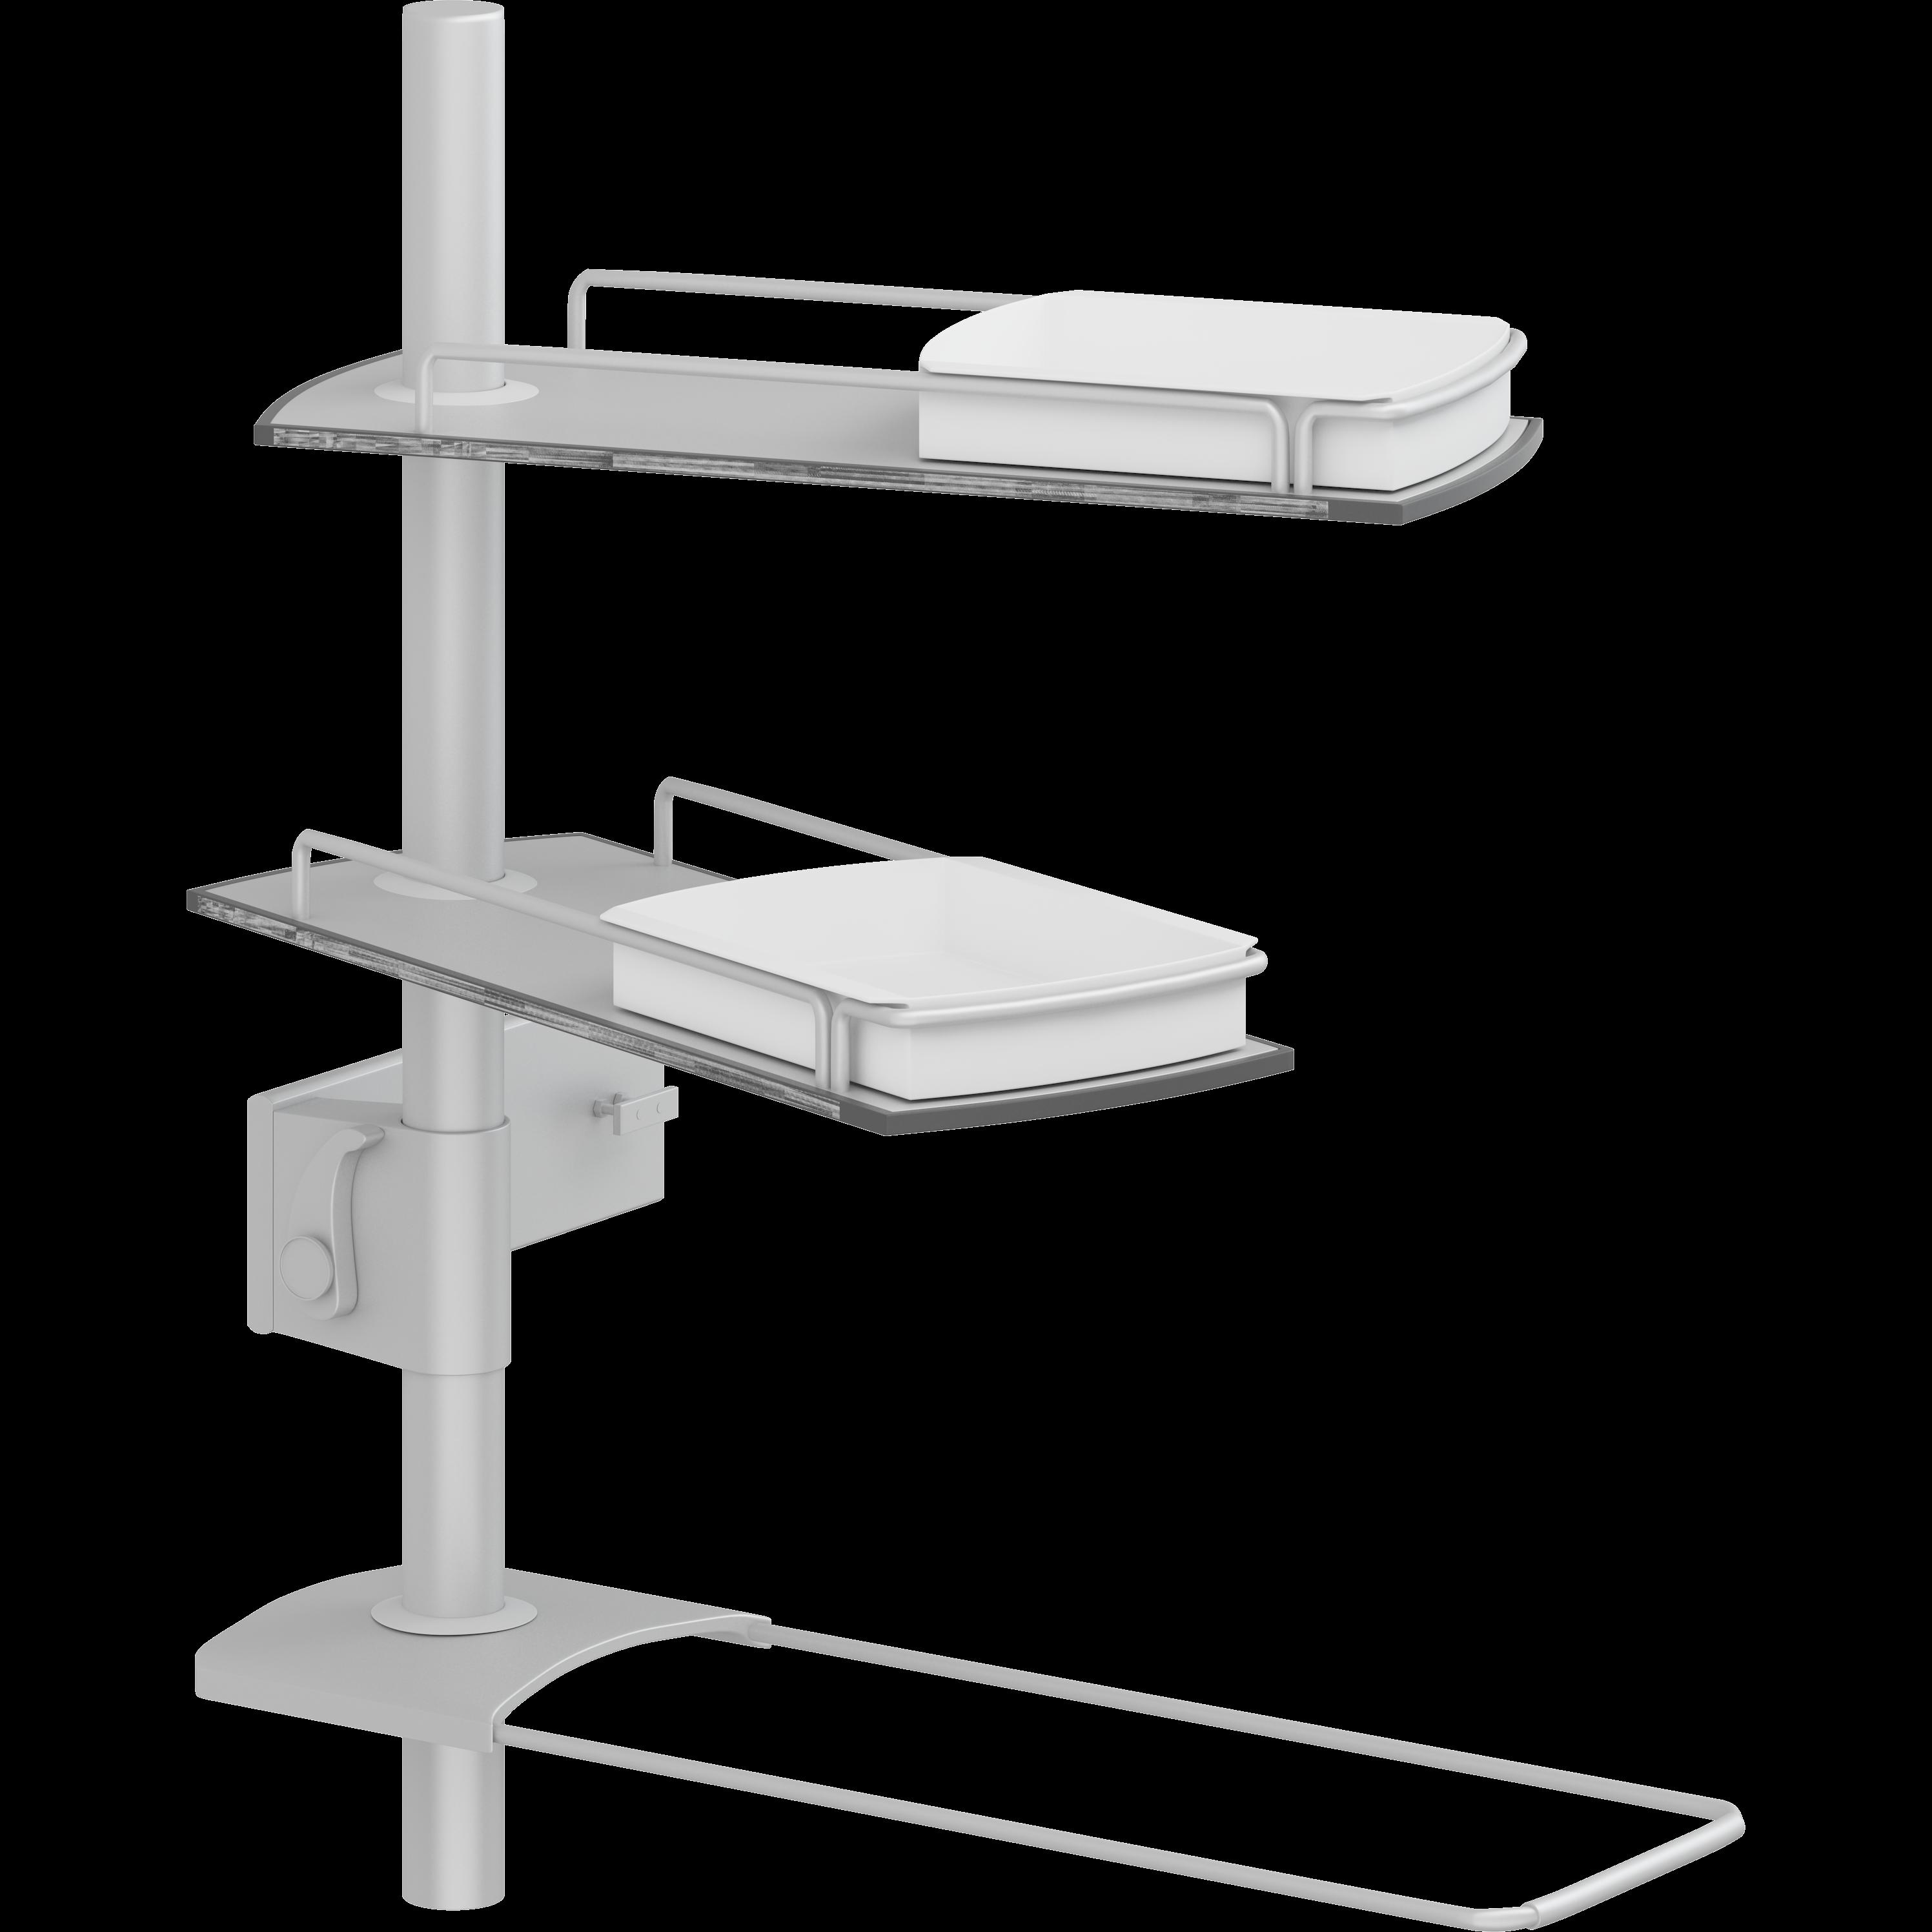 Hyllmodul till PLUS upphängning till tvättställ, 600 mm pelare